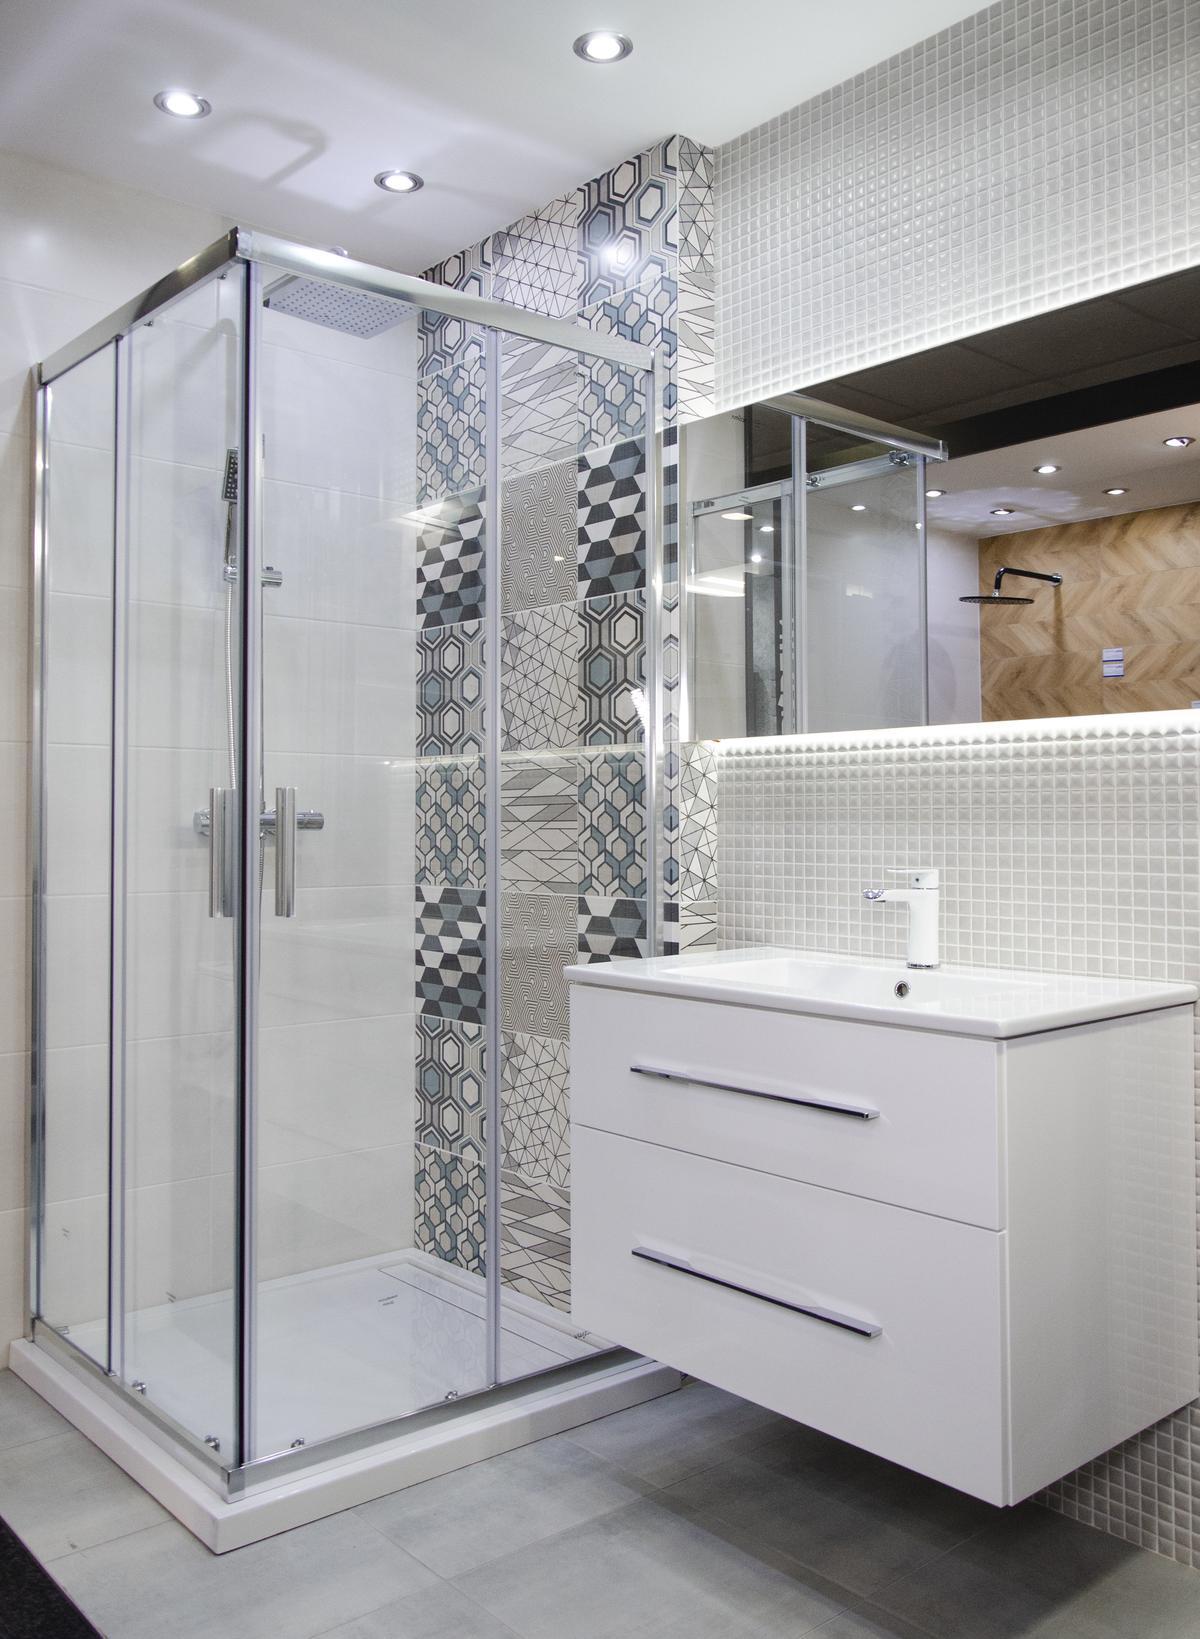 Aranżacja eklektycznej łazienki z płytką patchworkową i mozaiką - zdjęcie od BLU salon łazienek Kołobrzeg